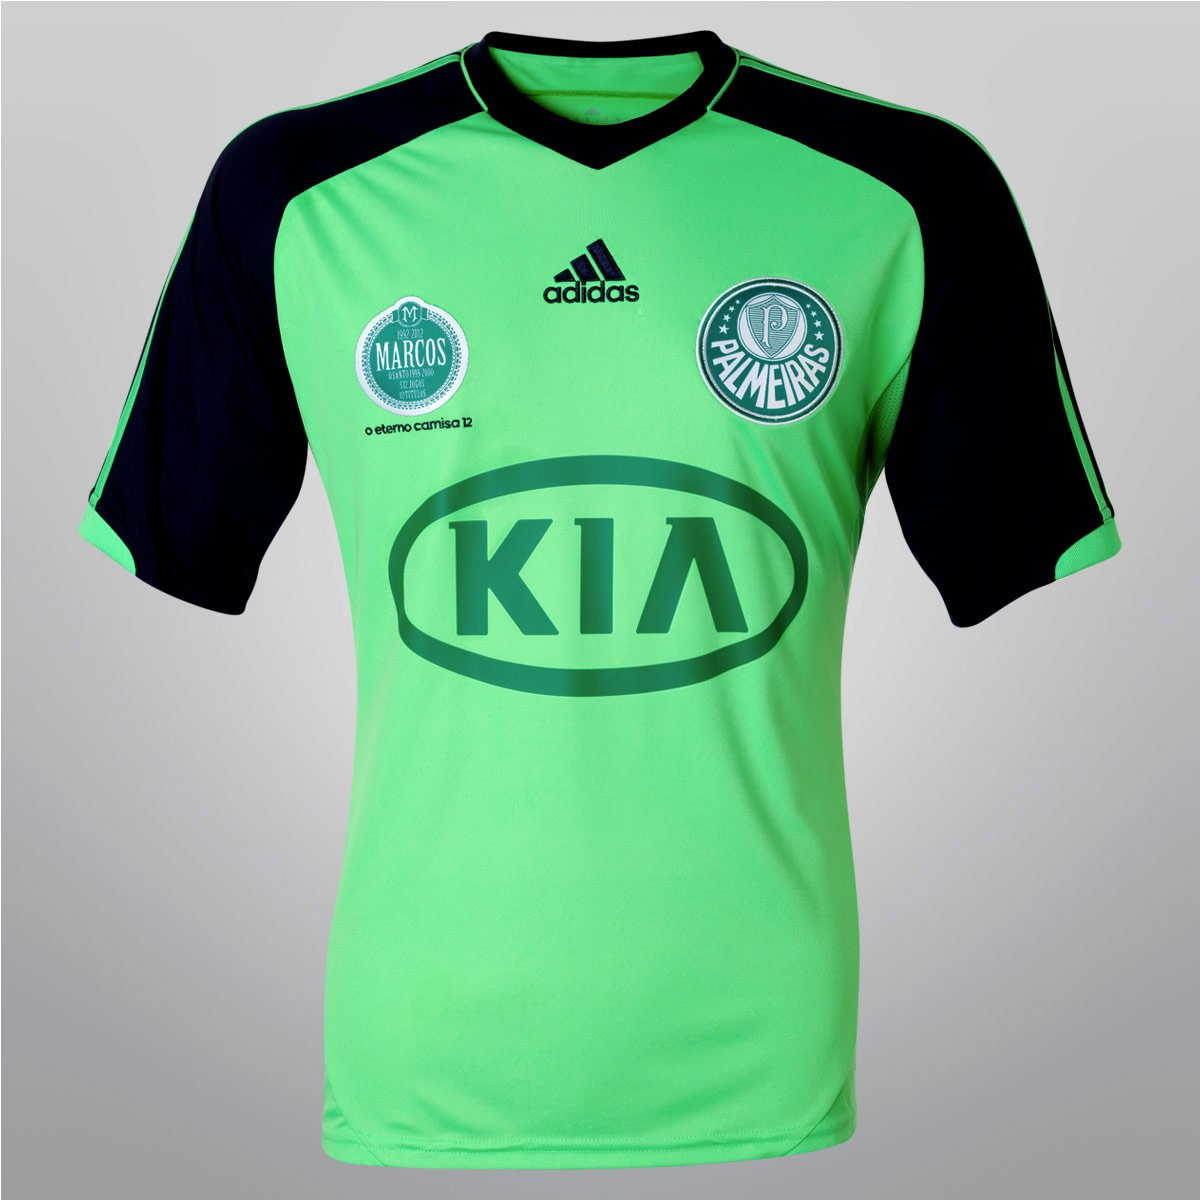 Camisa Adidas Palmeiras nº 12 - Marcos o Eterno - Compre Agora ... 986792d01fe5c